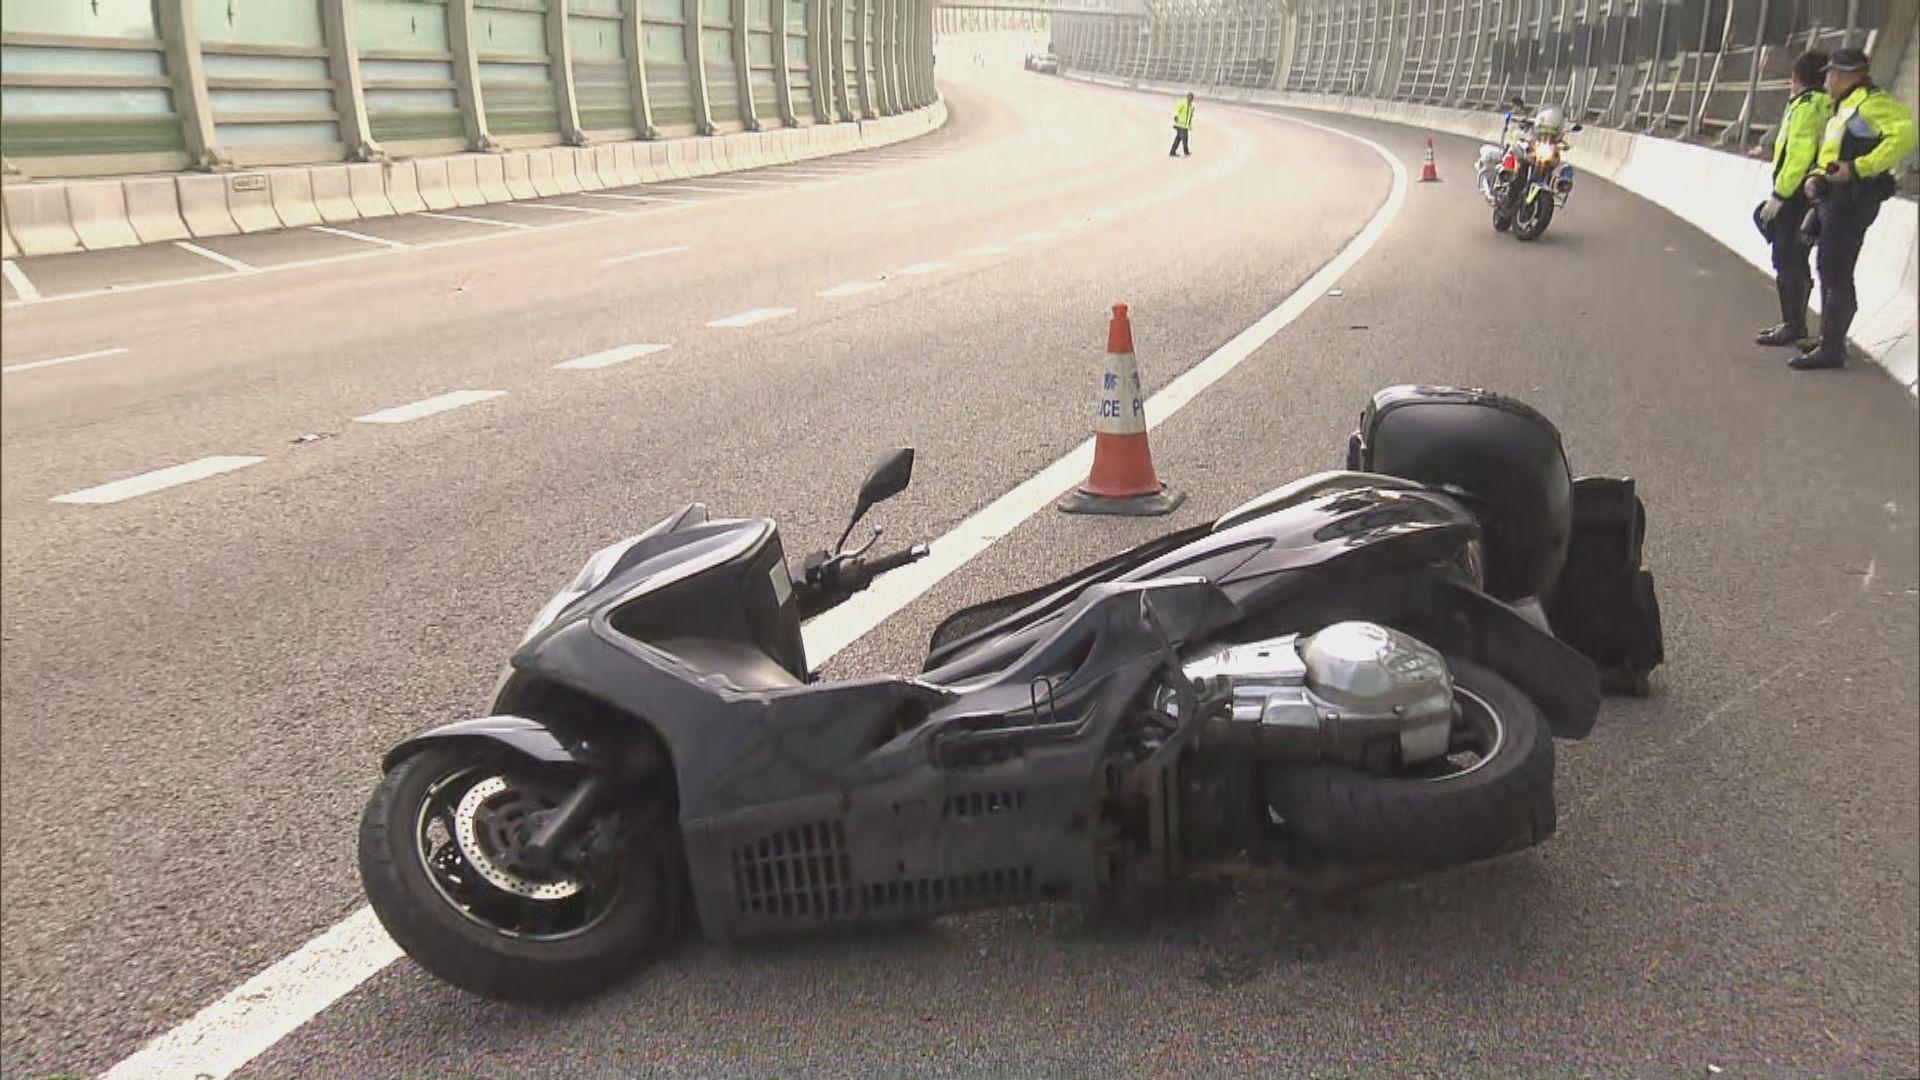 屯門公路致命車禍 電單車司機撞壆傷重不治